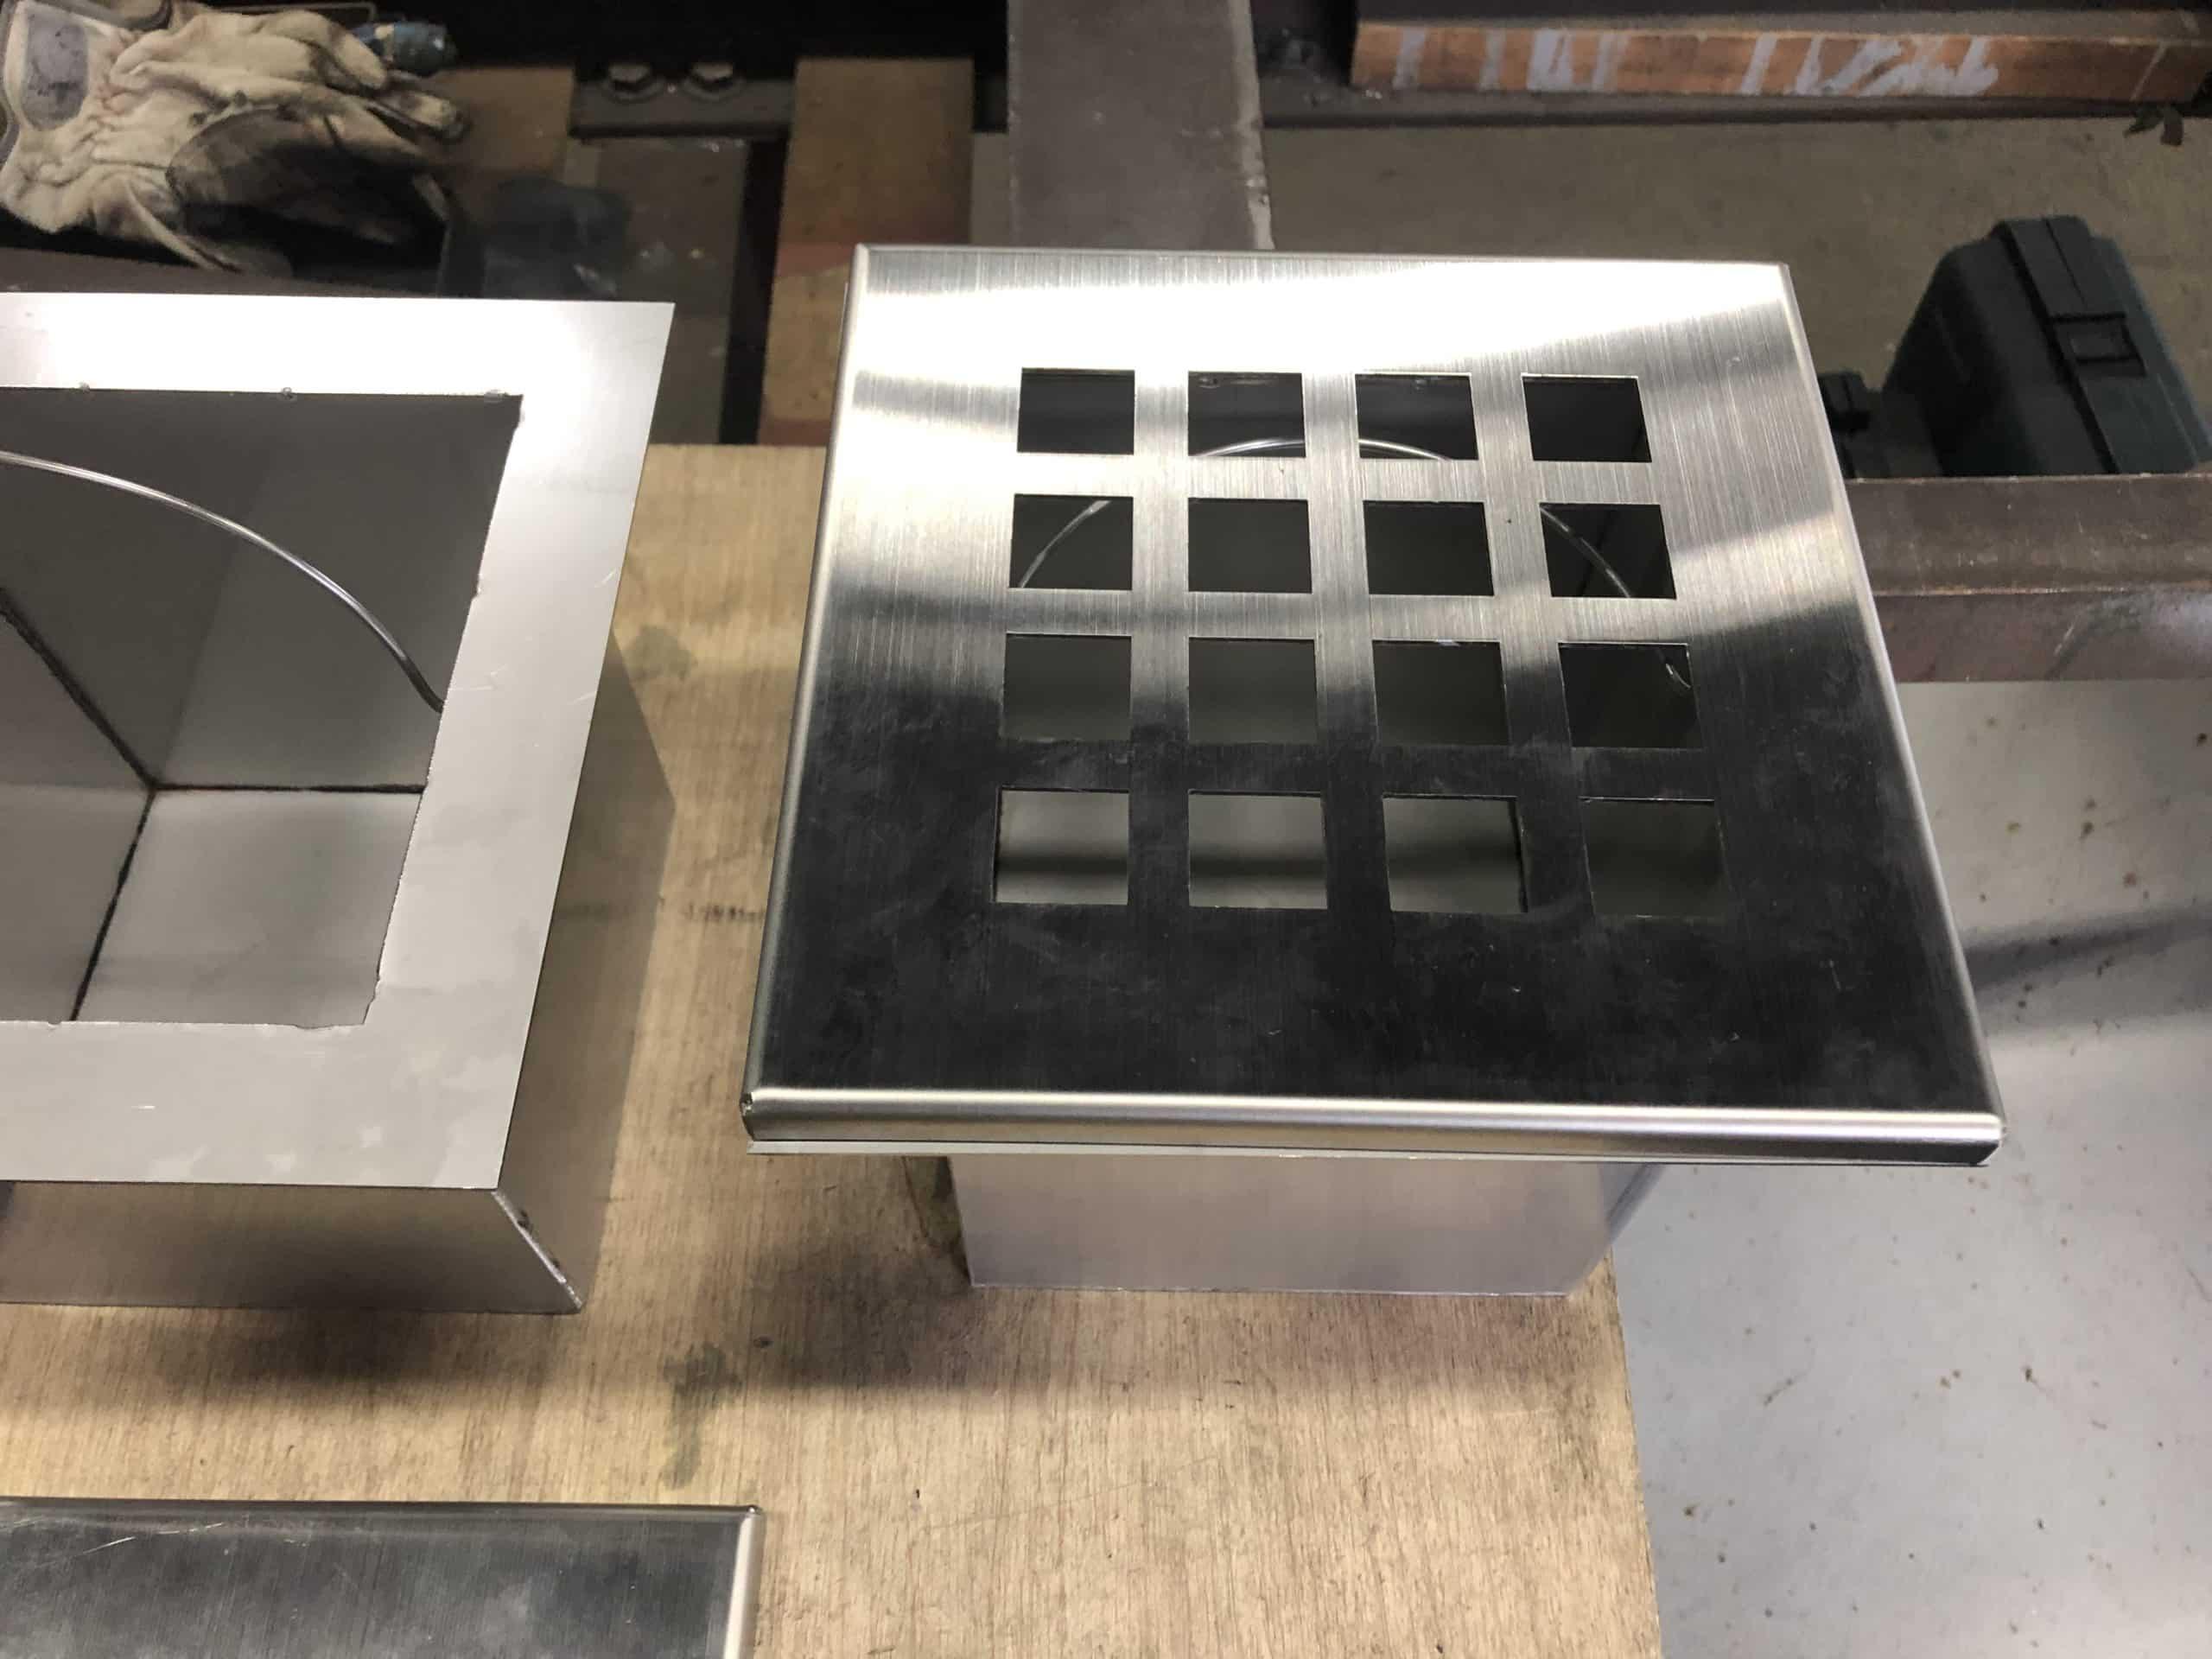 ステンレス製灰皿を製作しました